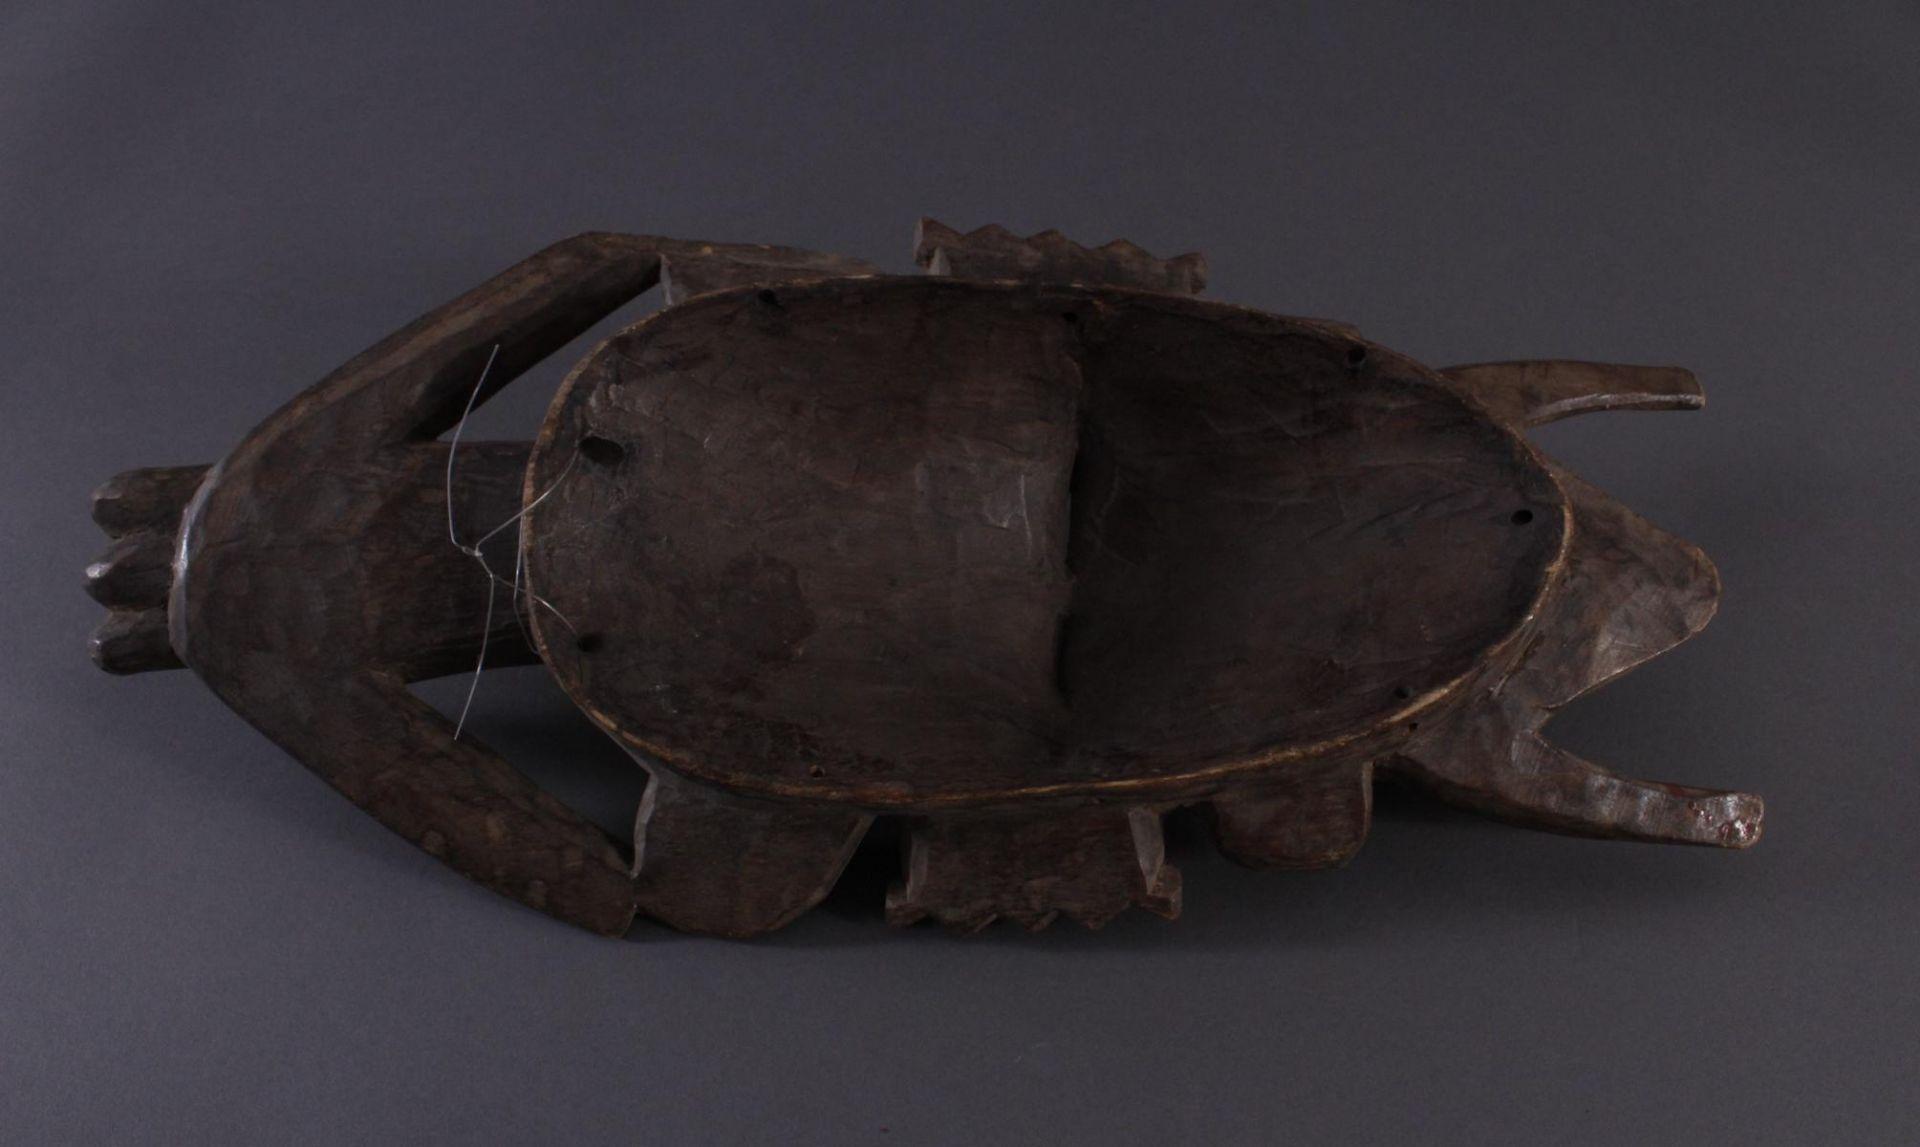 Antike Maske, Senufo, Elfenbeinküste 1. Hälfte 20. Jh.Holz geschnitzt, rotbraune und Weiße Bemalung, - Bild 5 aus 5